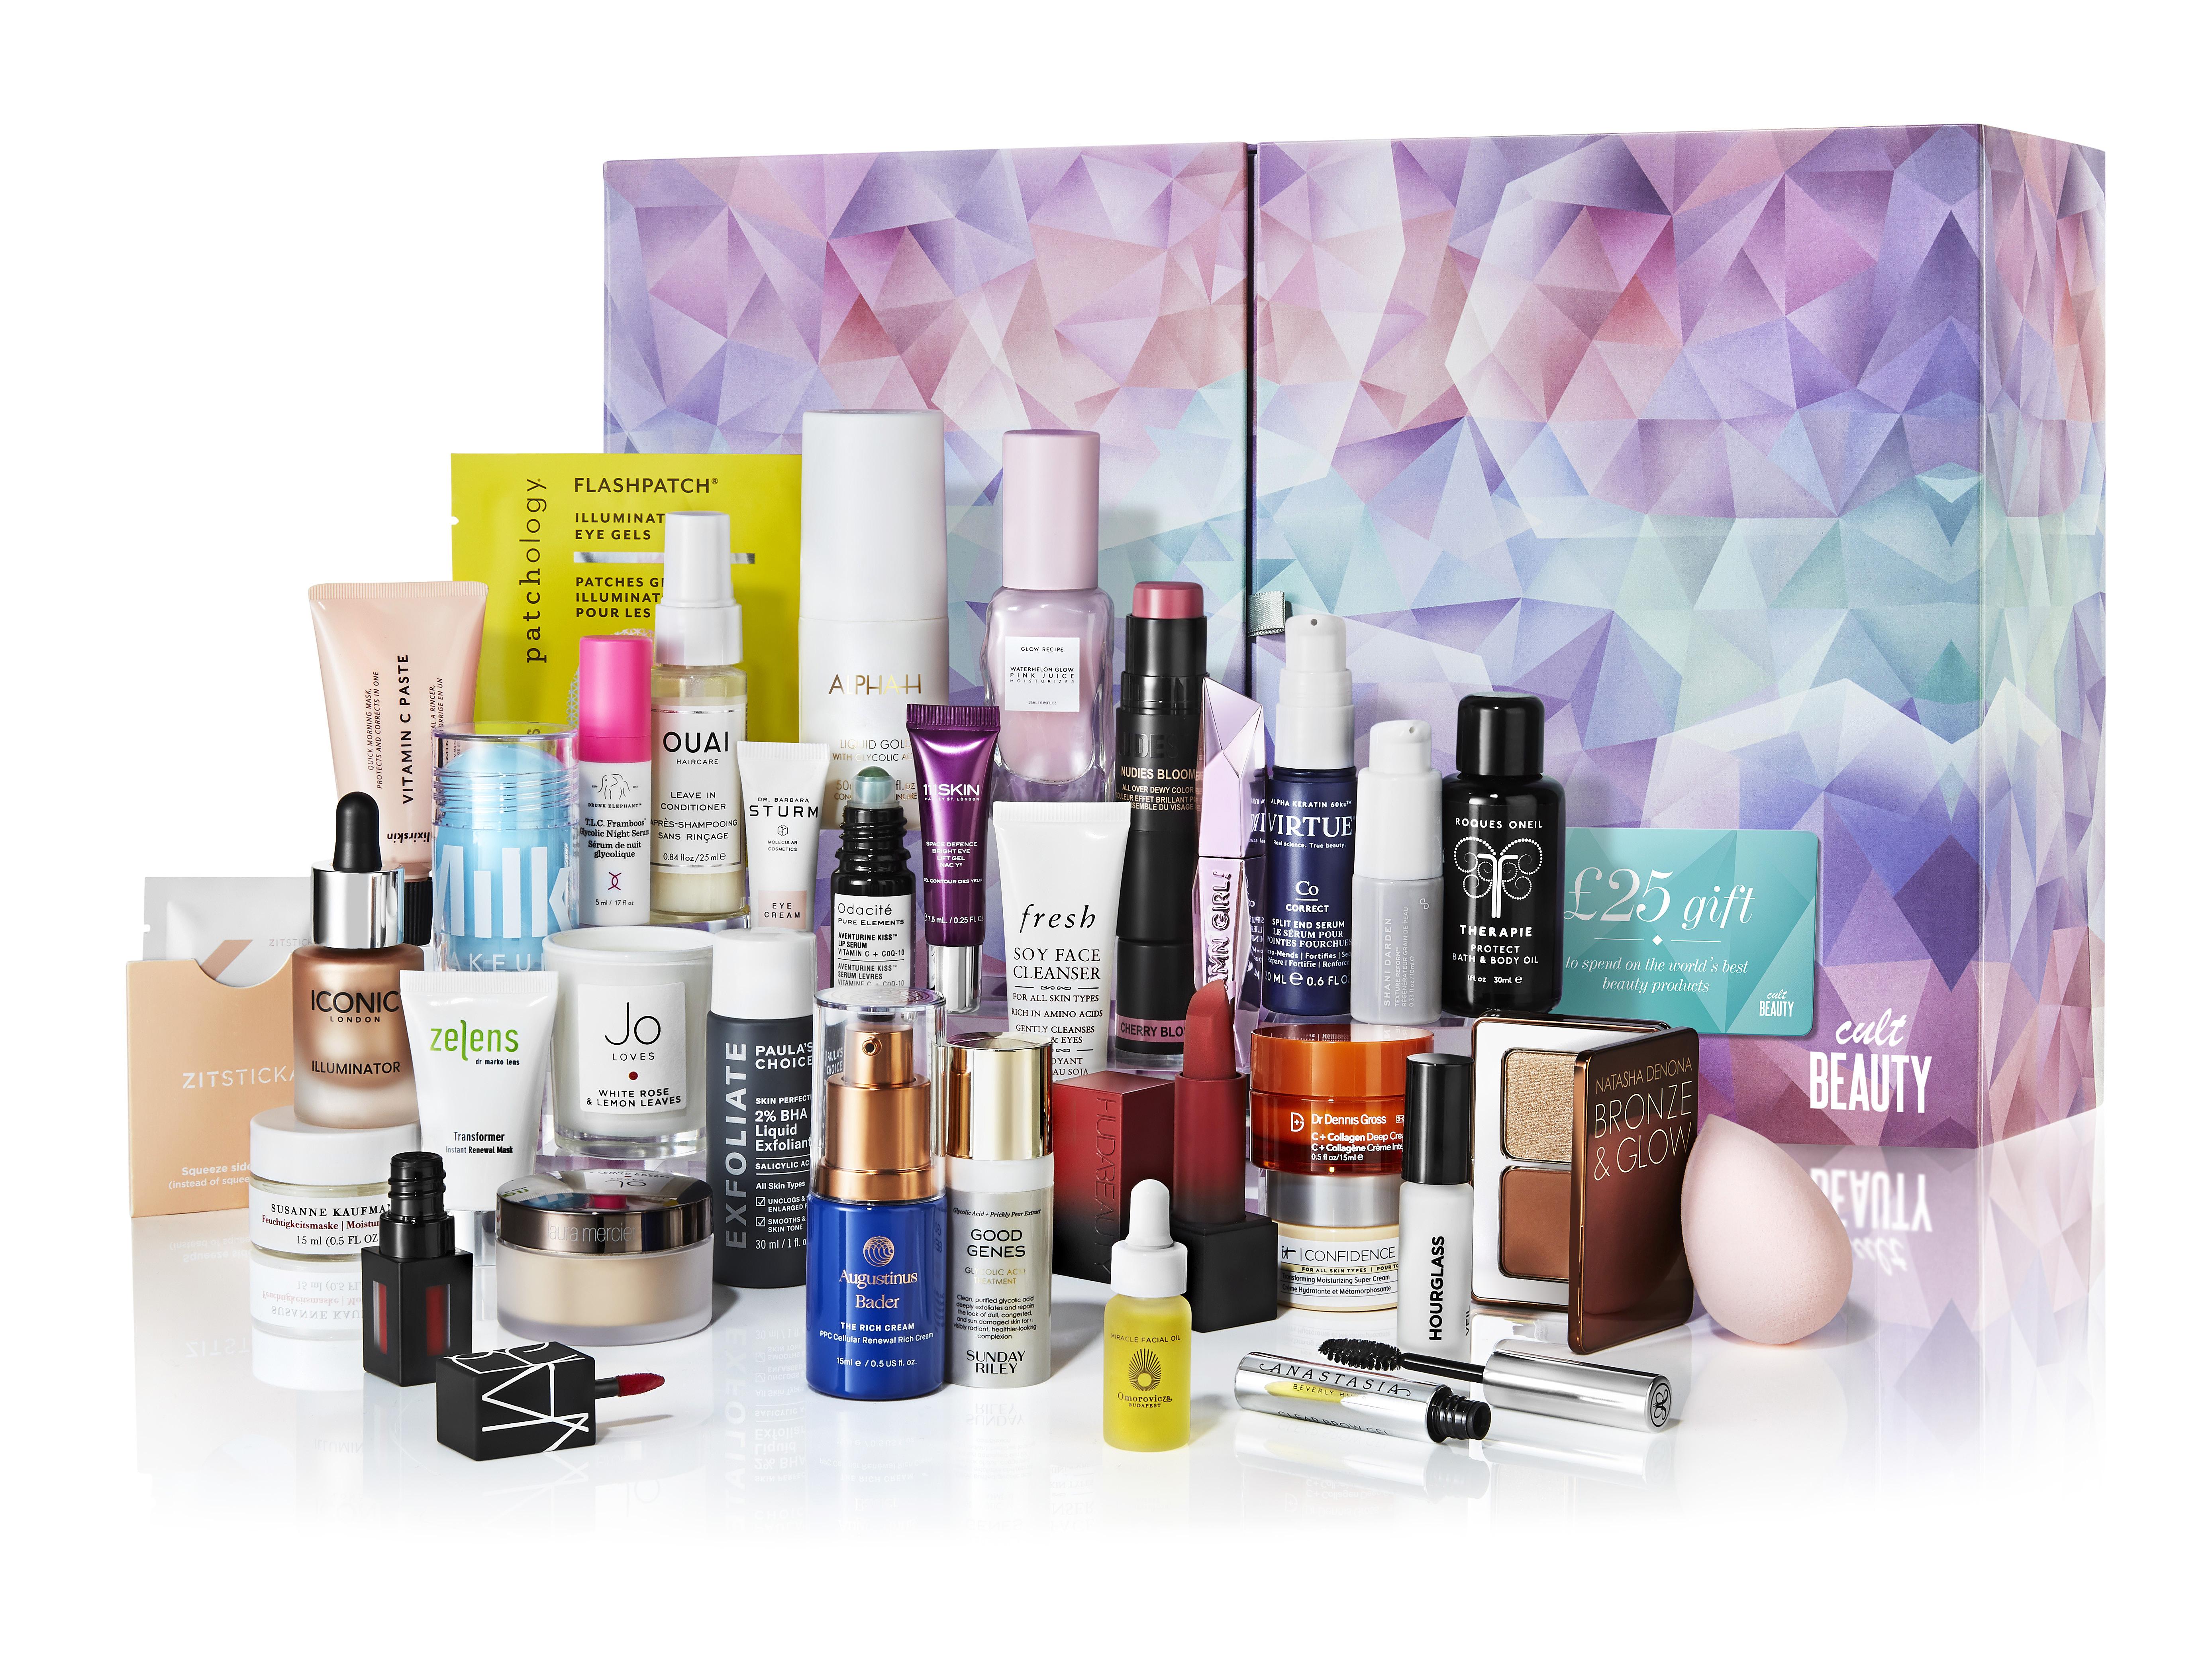 Cult Beauty Advent Calendar Contents